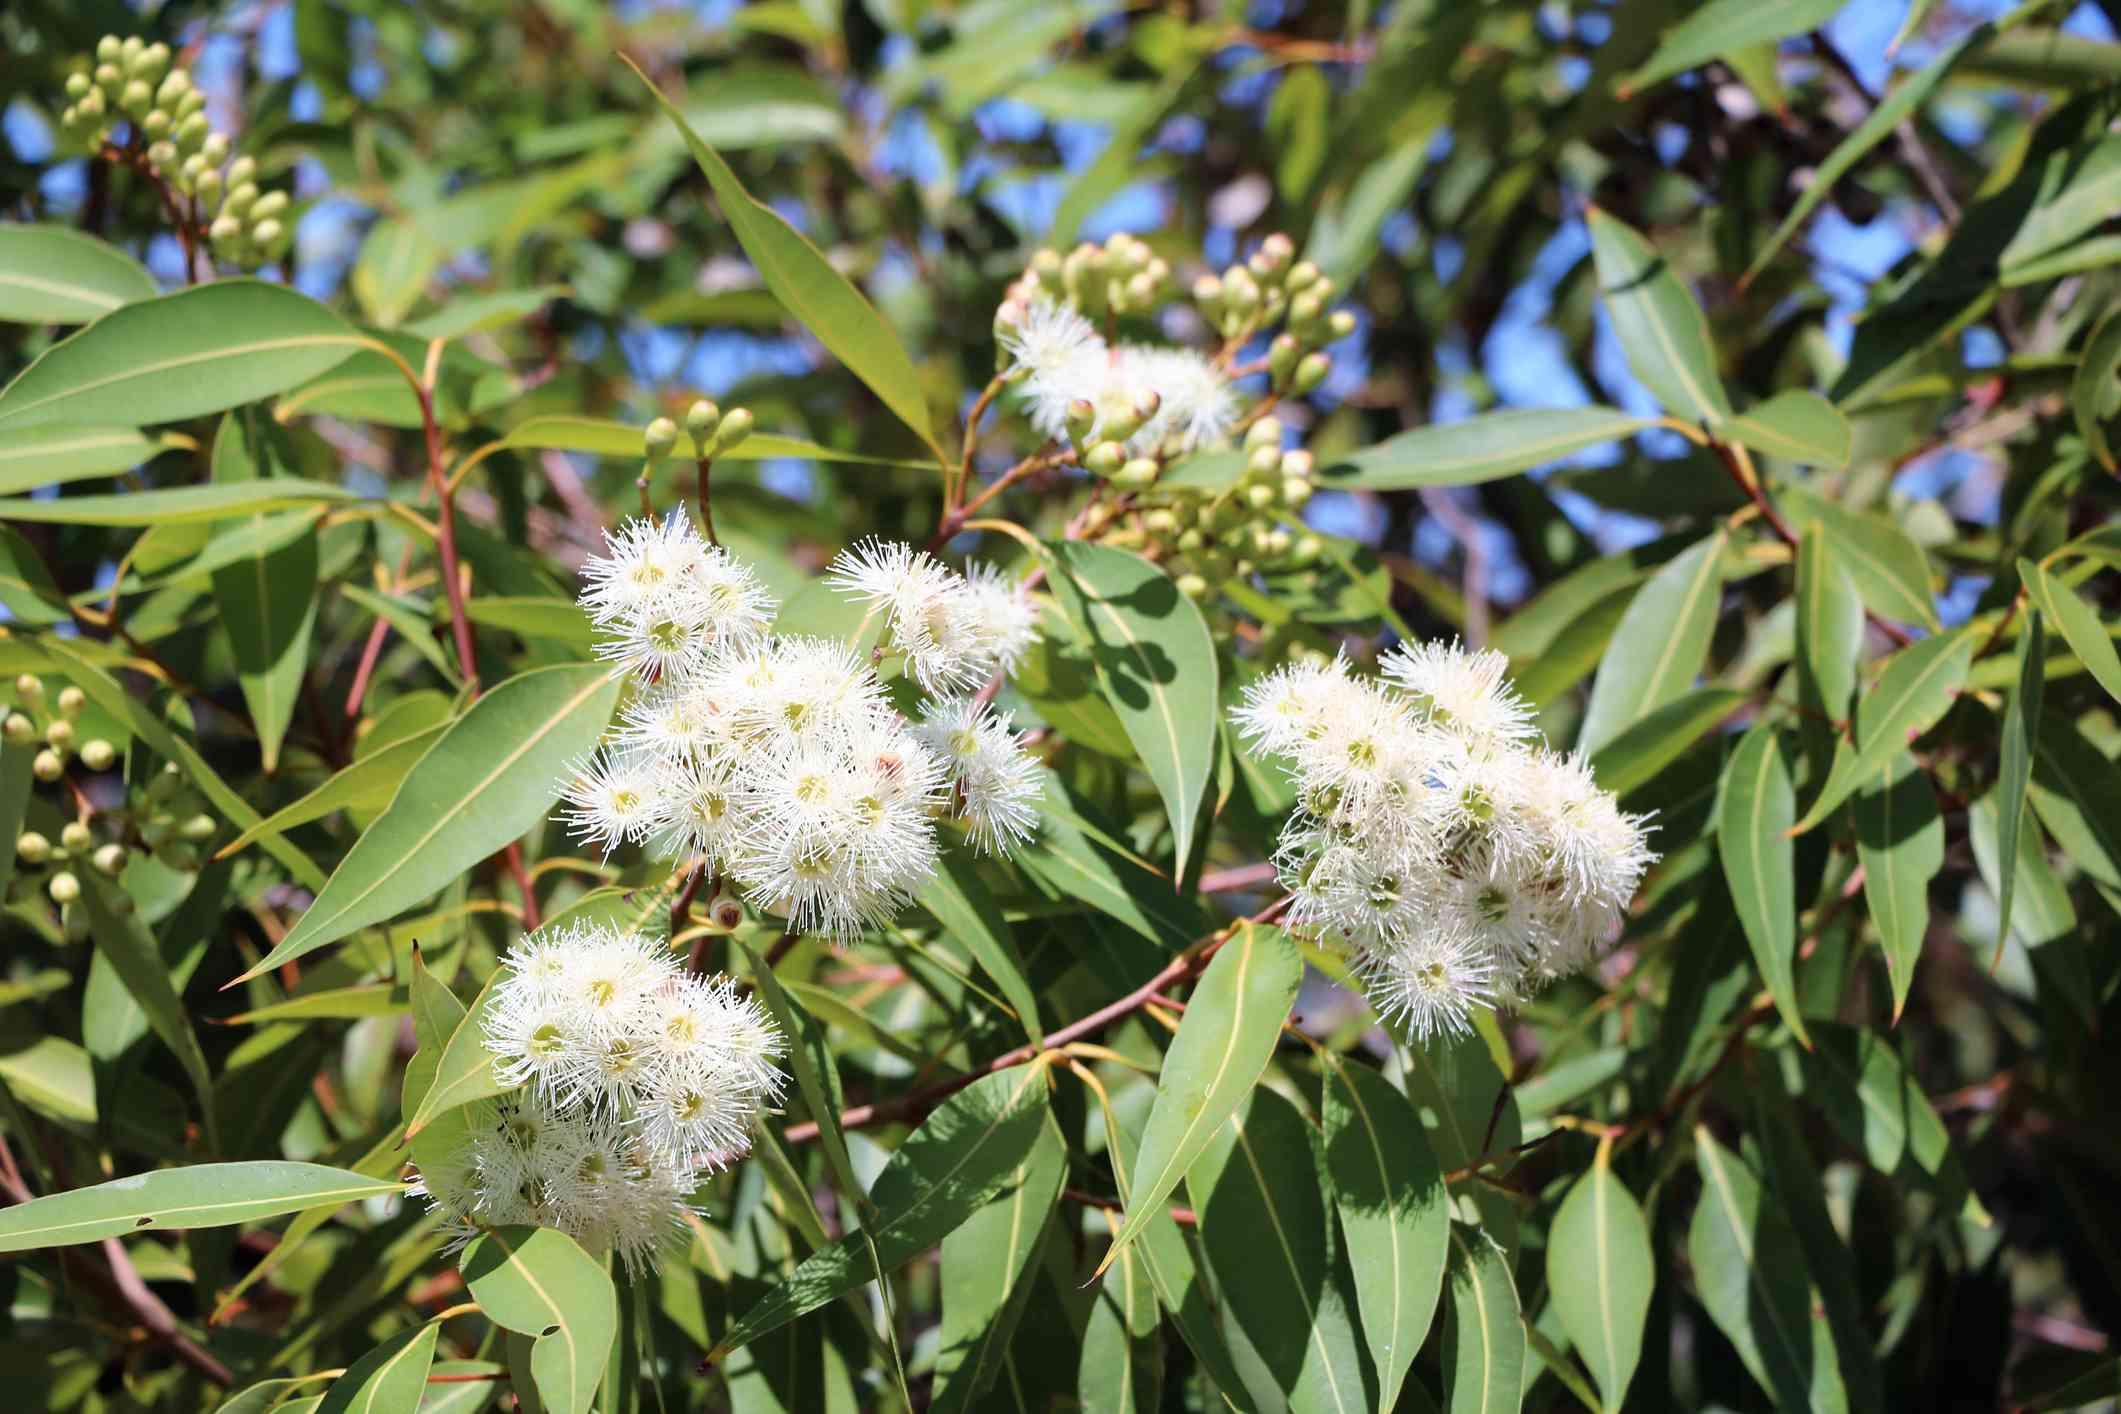 Eucalyptus flowering white in summer in Sydney, Australia